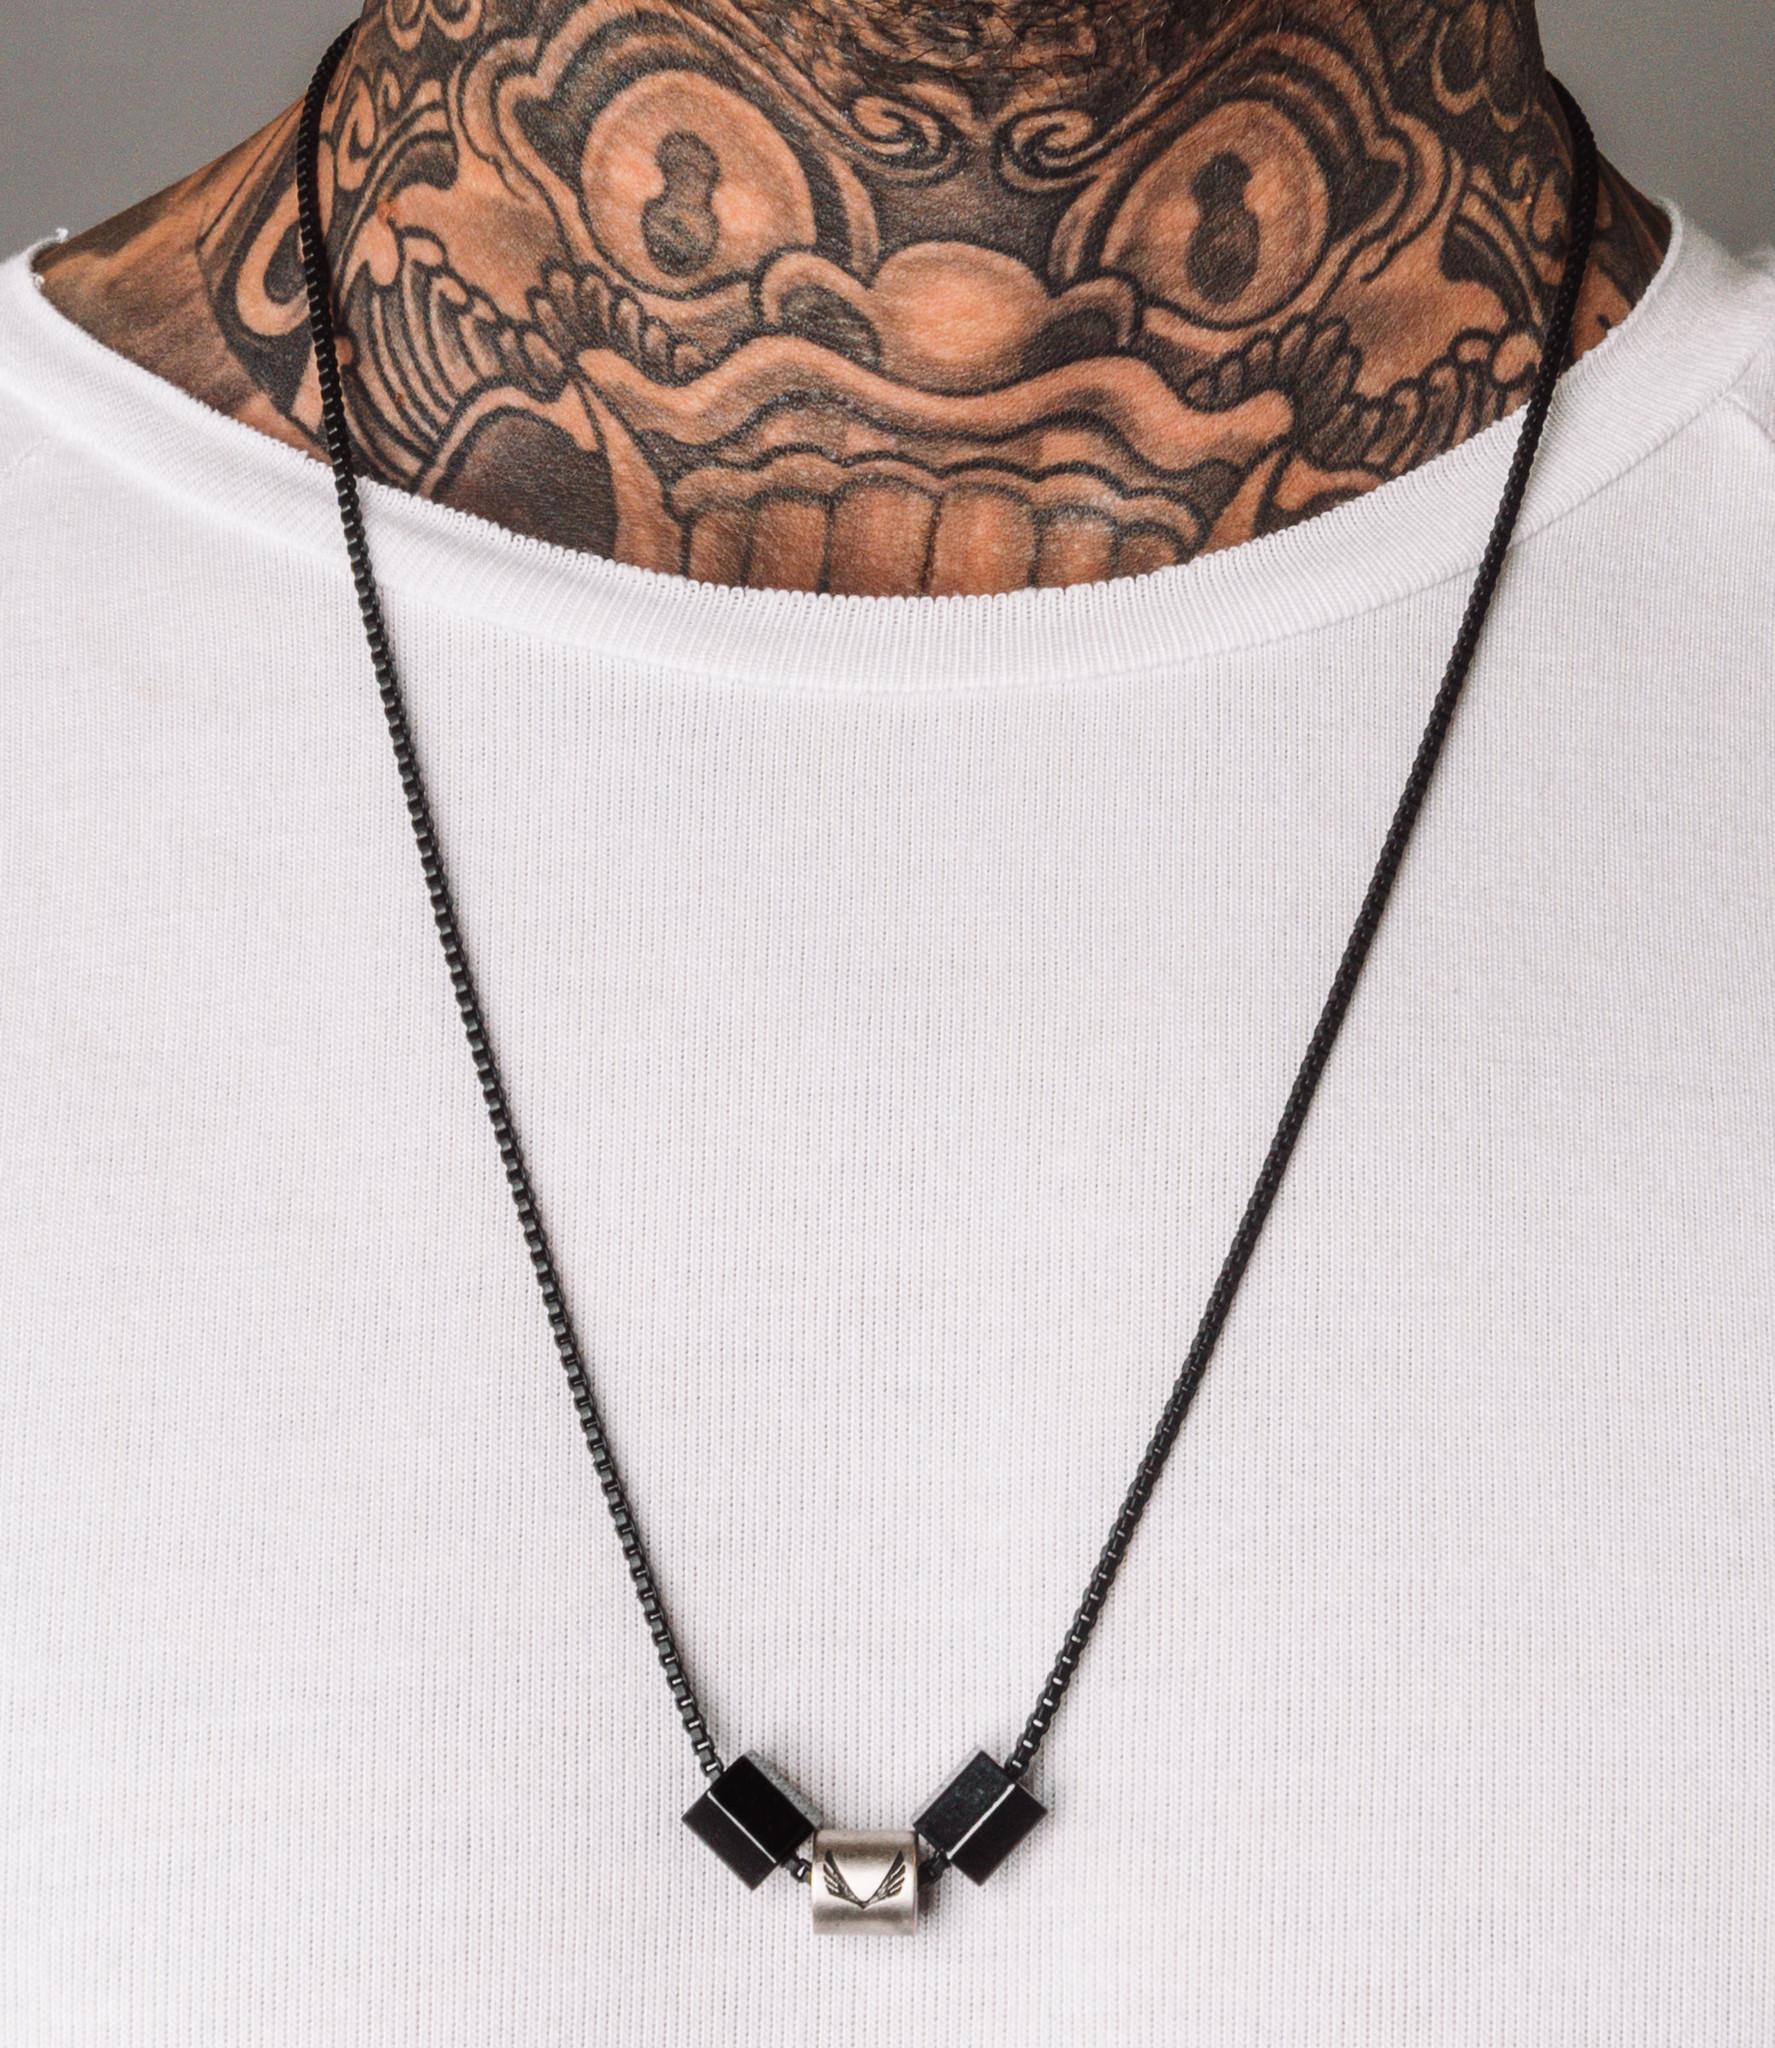 Zumo-Jewelry-SN38991-Black